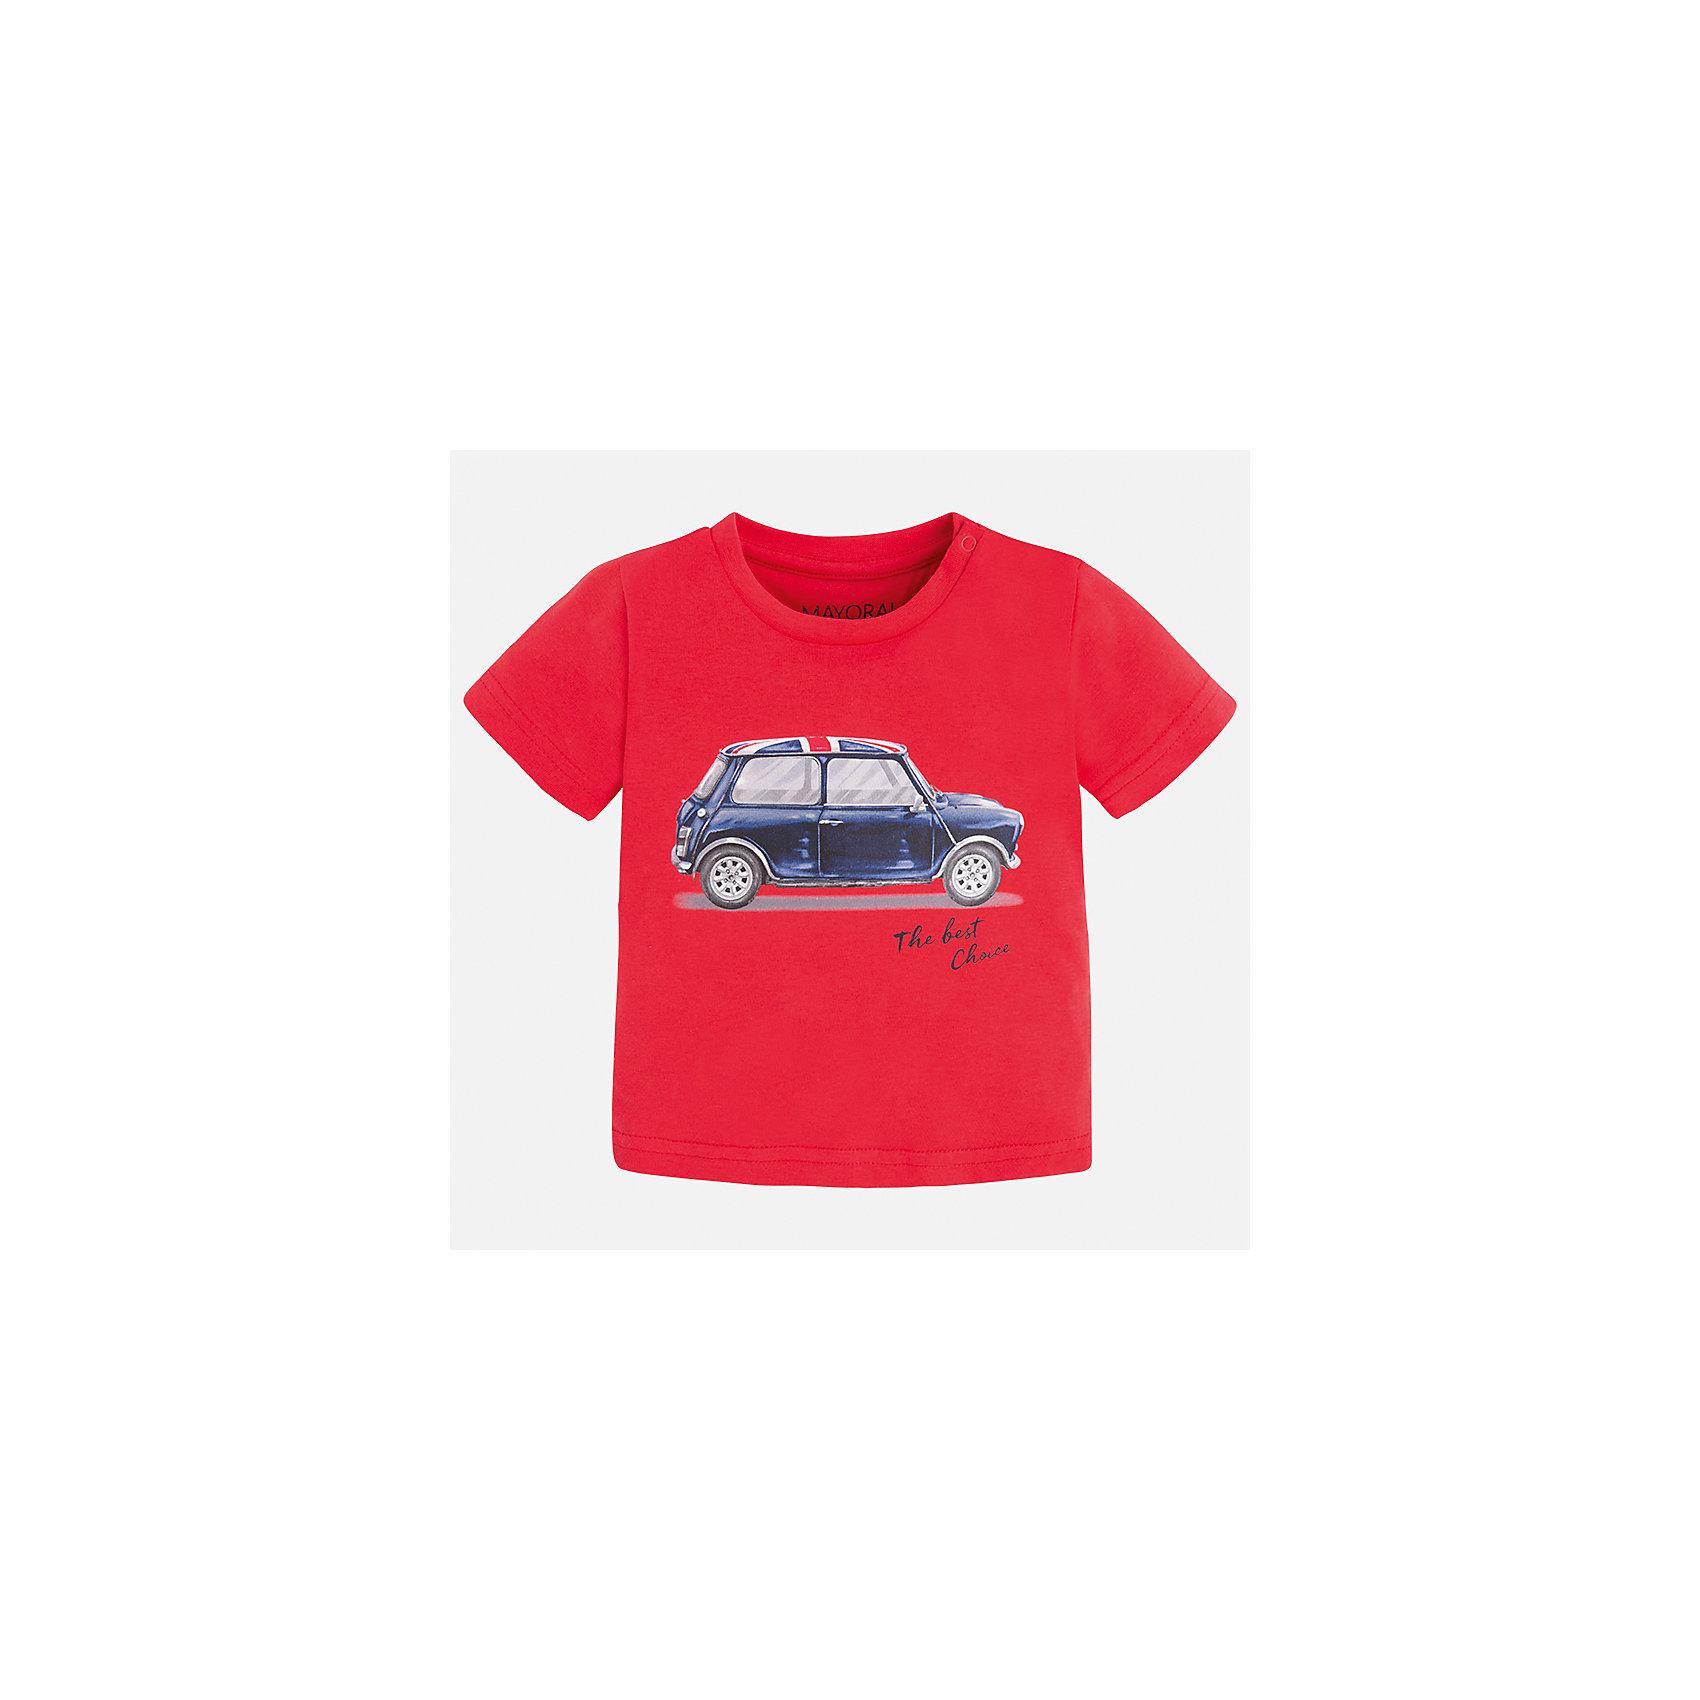 Футболка для мальчика MayoralХарактеристики товара:<br><br>• цвет: красный<br>• состав: 100% хлопок<br>• круглый горловой вырез<br>• декорирована принтом<br>• короткие рукава<br>• мягкая отделка горловины<br>• страна бренда: Испания<br><br>Красивая хлопковая футболка с принтом поможет разнообразить гардероб мальчика. Она отлично сочетается с брюками, шортами, джинсами. Универсальный крой и цвет позволяет подобрать к вещи низ разных расцветок. Практичное и стильное изделие! Хорошо смотрится и комфортно сидит на детях. В составе материала - только натуральный хлопок, гипоаллергенный, приятный на ощупь, дышащий. <br><br>Одежда, обувь и аксессуары от испанского бренда Mayoral полюбились детям и взрослым по всему миру. Модели этой марки - стильные и удобные. Для их производства используются только безопасные, качественные материалы и фурнитура. Порадуйте ребенка модными и красивыми вещами от Mayoral! <br><br>Футболку для мальчика от испанского бренда Mayoral (Майорал) можно купить в нашем интернет-магазине.<br><br>Ширина мм: 199<br>Глубина мм: 10<br>Высота мм: 161<br>Вес г: 151<br>Цвет: розовый<br>Возраст от месяцев: 12<br>Возраст до месяцев: 15<br>Пол: Мужской<br>Возраст: Детский<br>Размер: 80,86,92<br>SKU: 5278497